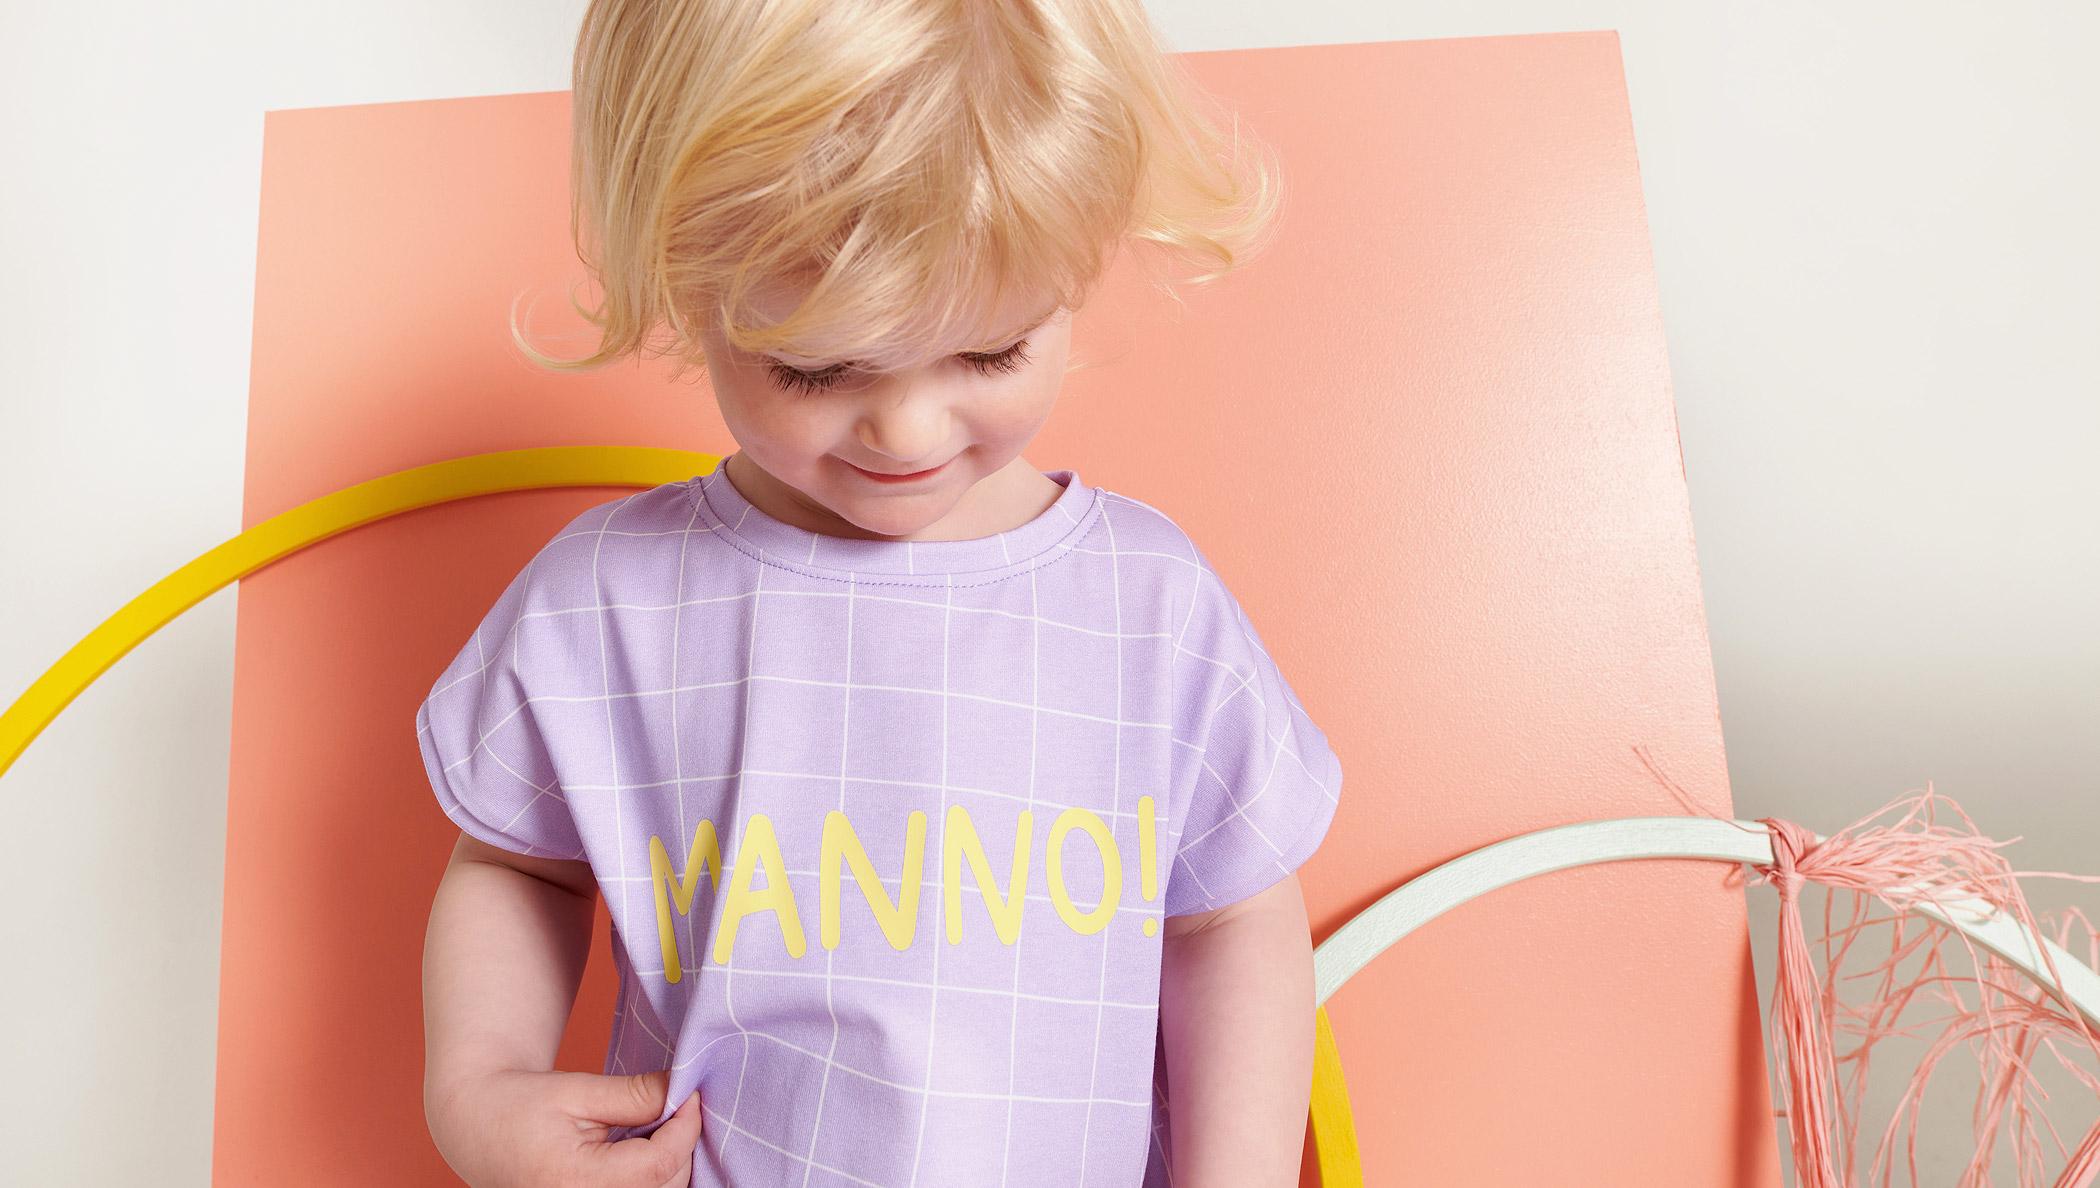 """Blonder Junge mit lilanem """"Manno!""""-Shirt"""